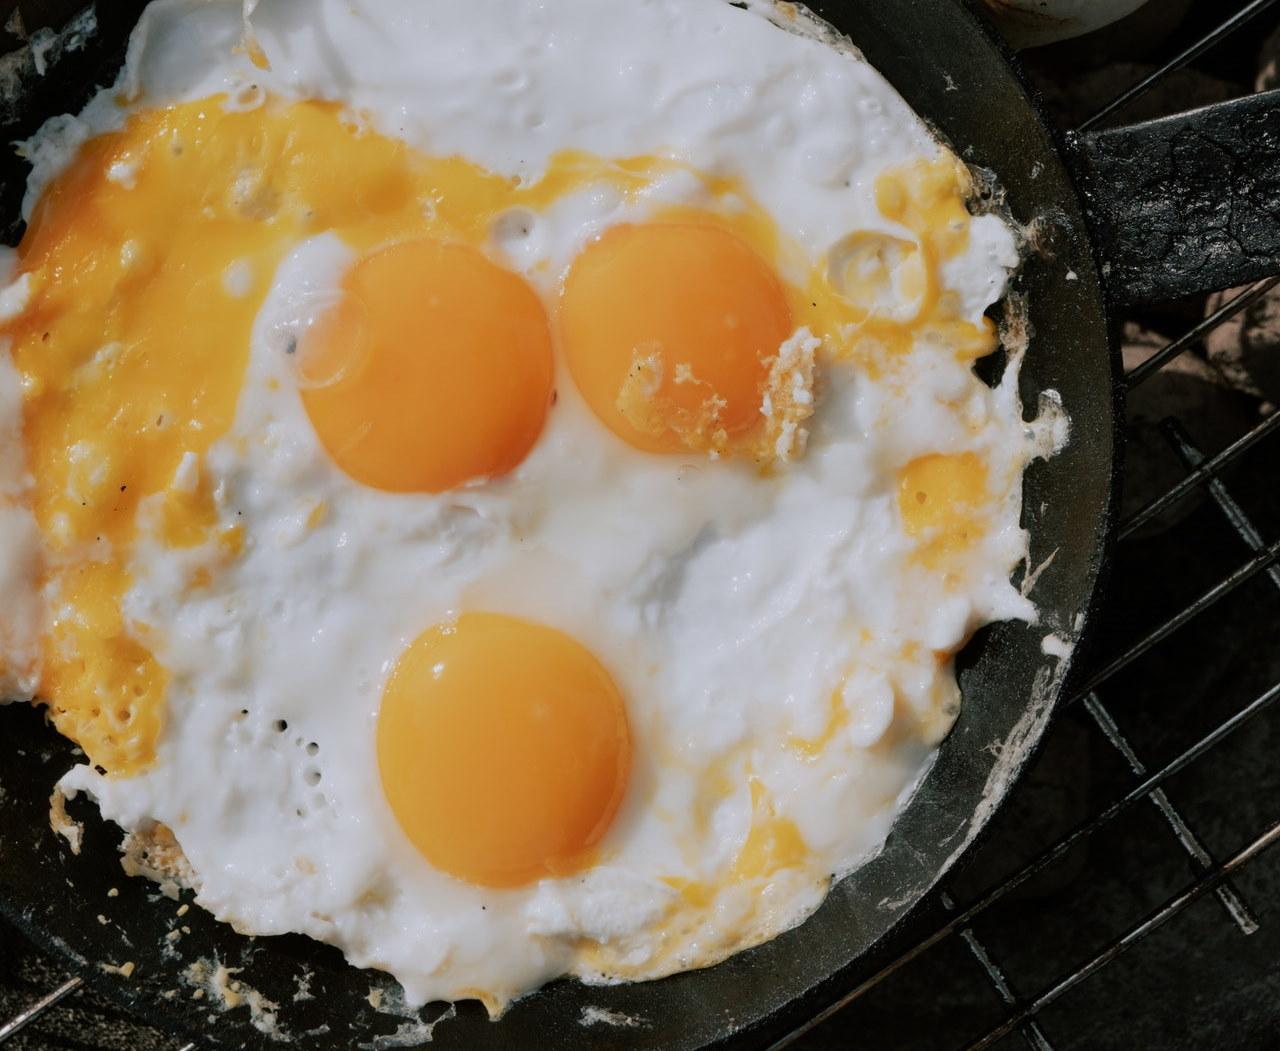 Read more about the article Krzeszowice: Wziął patelnię i jajka. Usmażył jajecznicę bez użycia ognia!